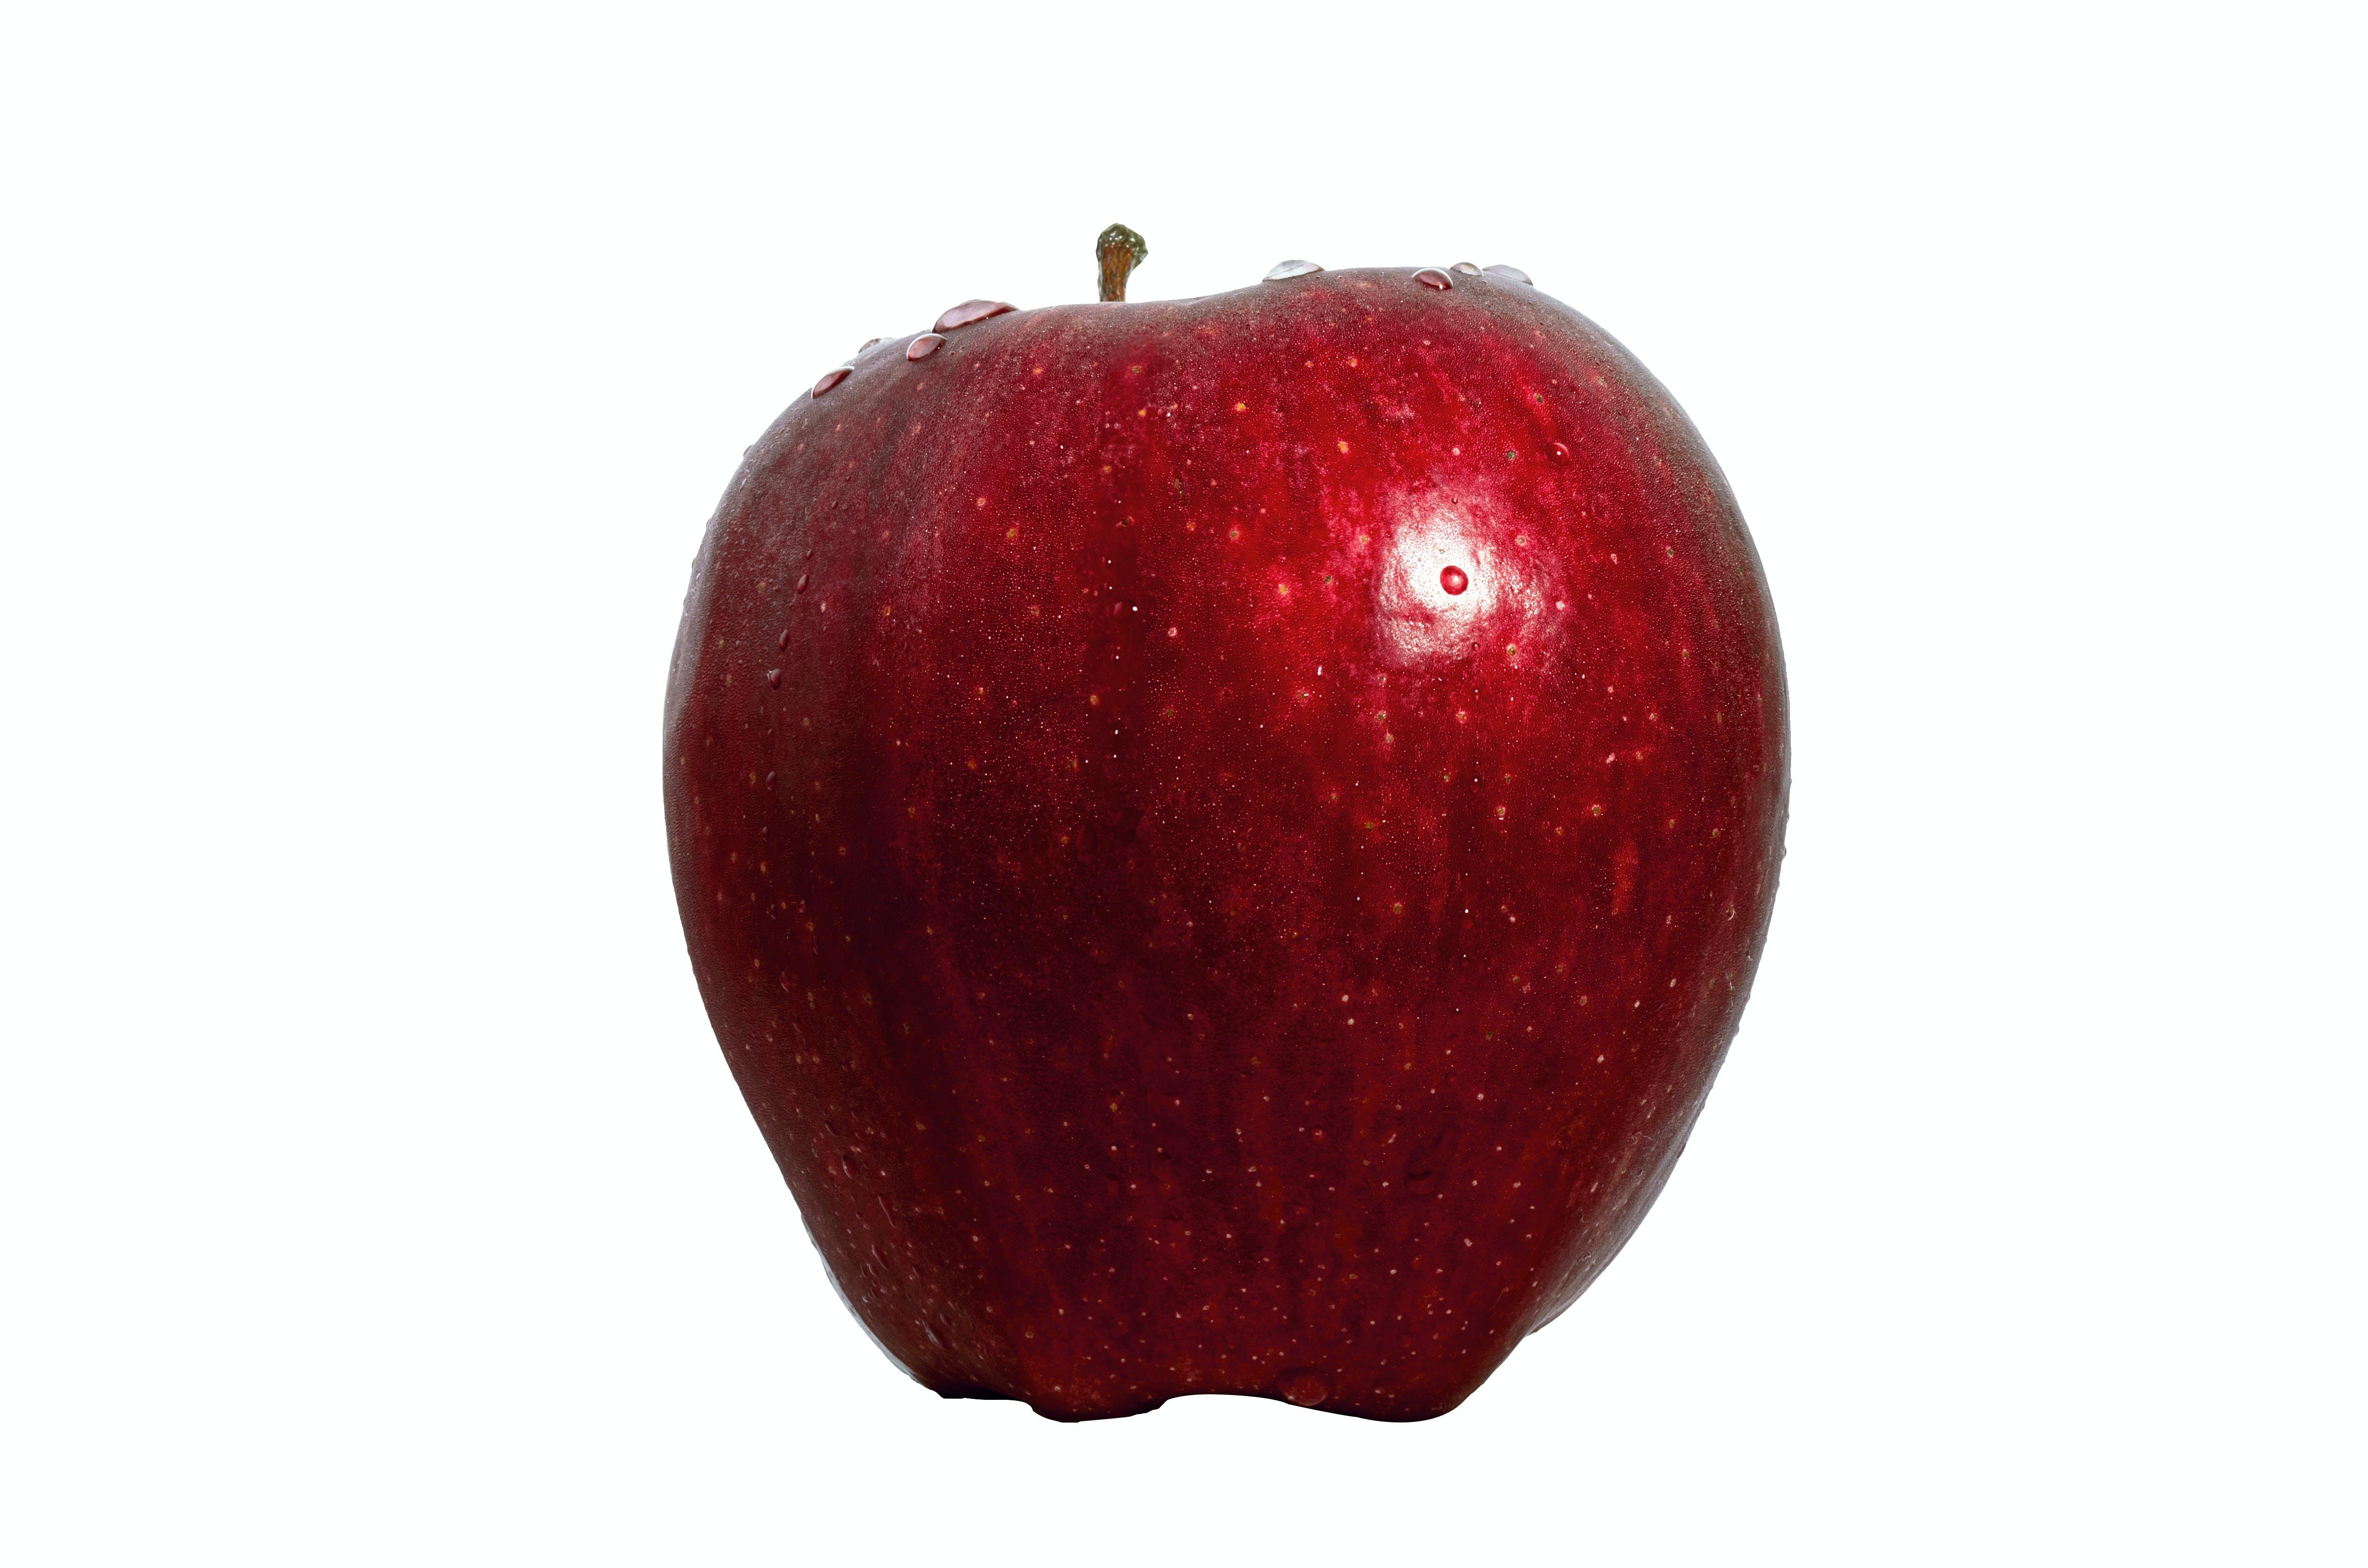 Free stock photo of alimento, apple, bruno scramgnon fotografia, comida